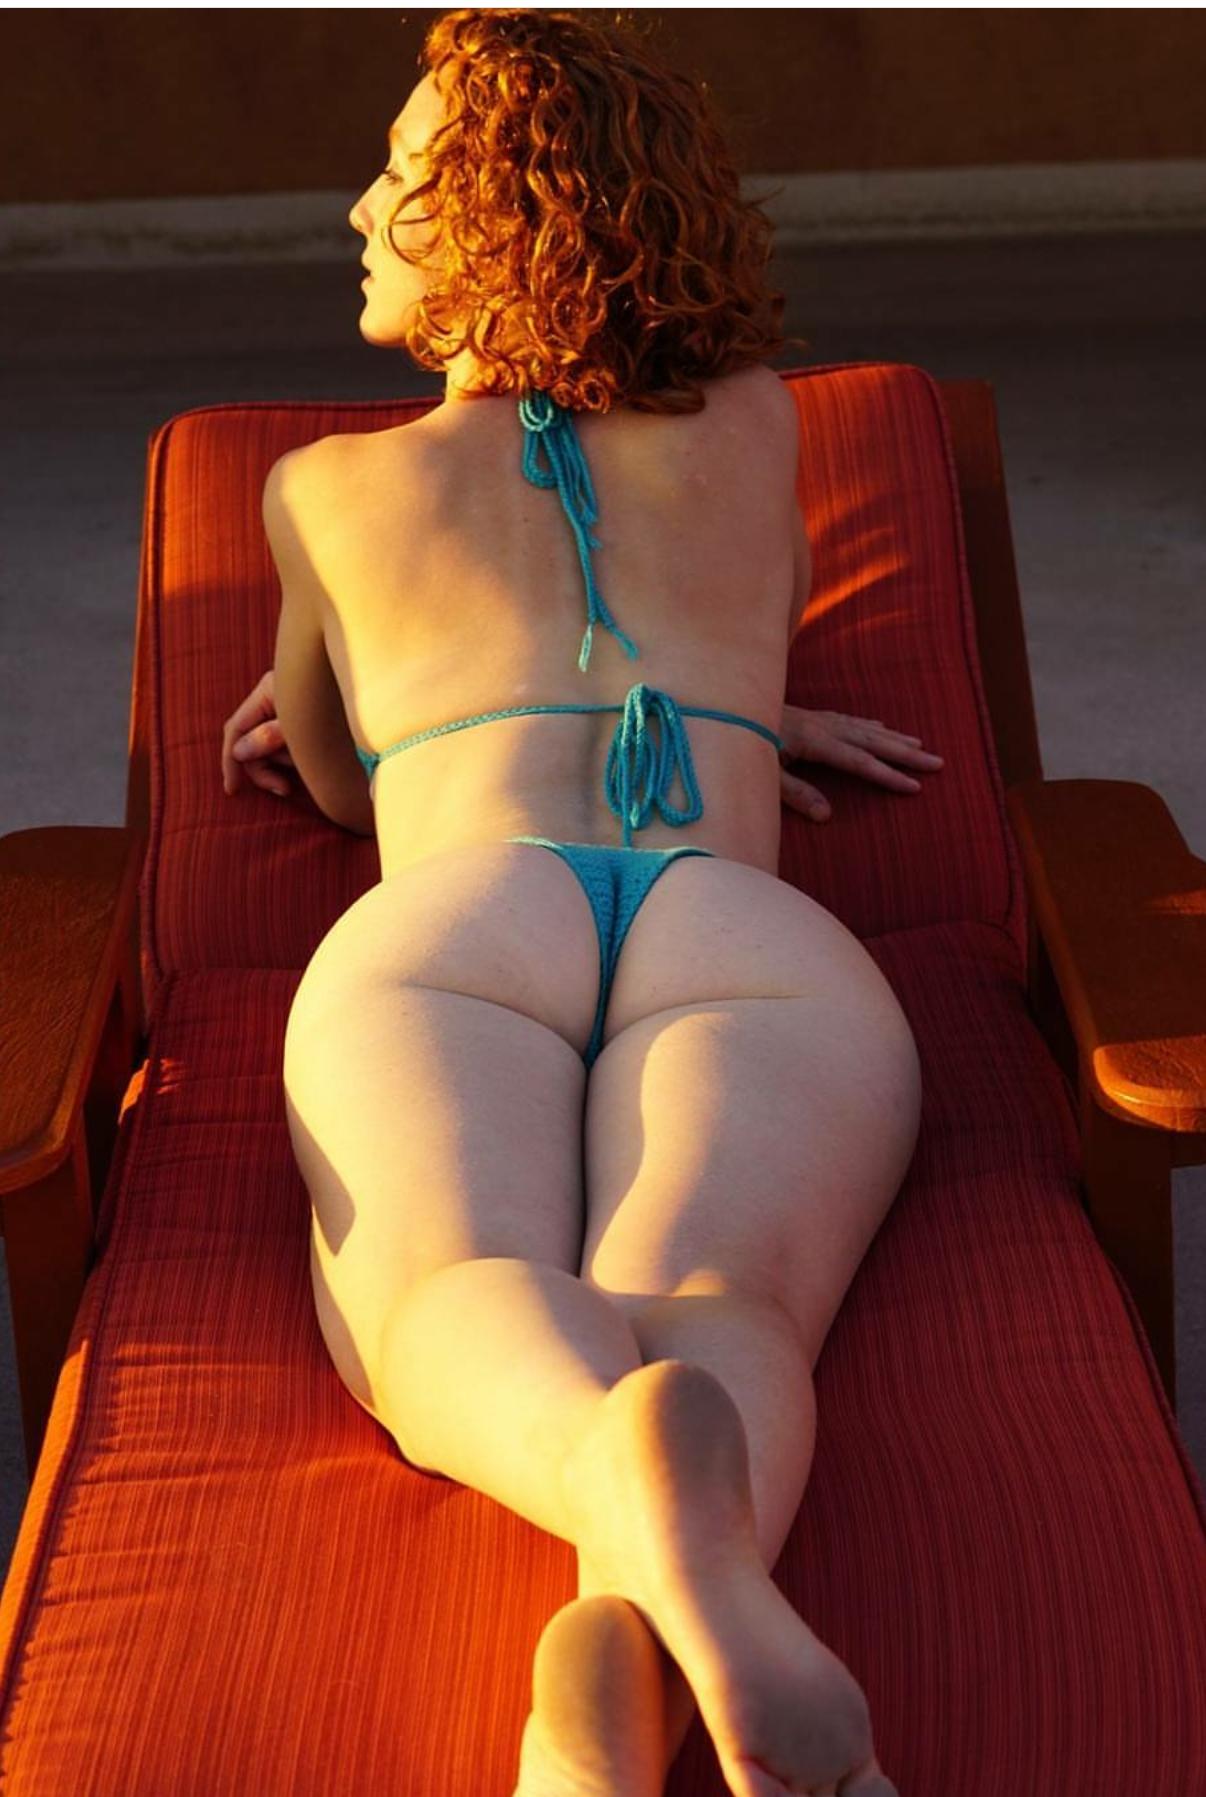 Ifrit porn bikini